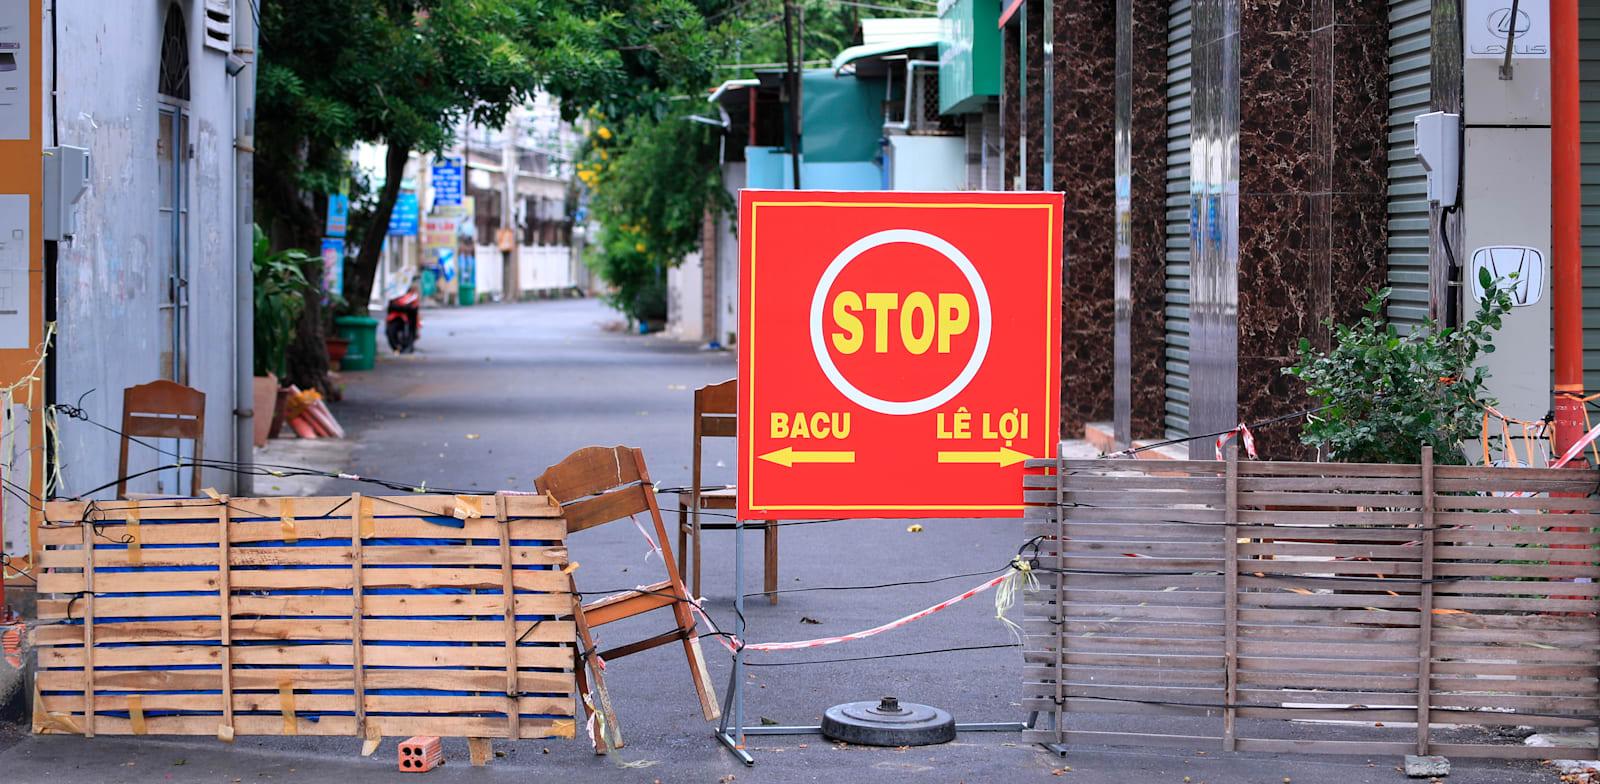 רחוב שסגור לתנועה ונמצא בבידוד כחלק מהגבלות הקורונה, בוונג טאו, וייטנאם, באמצע ספטמבר / צילום: Associated Press, Hau Dinh